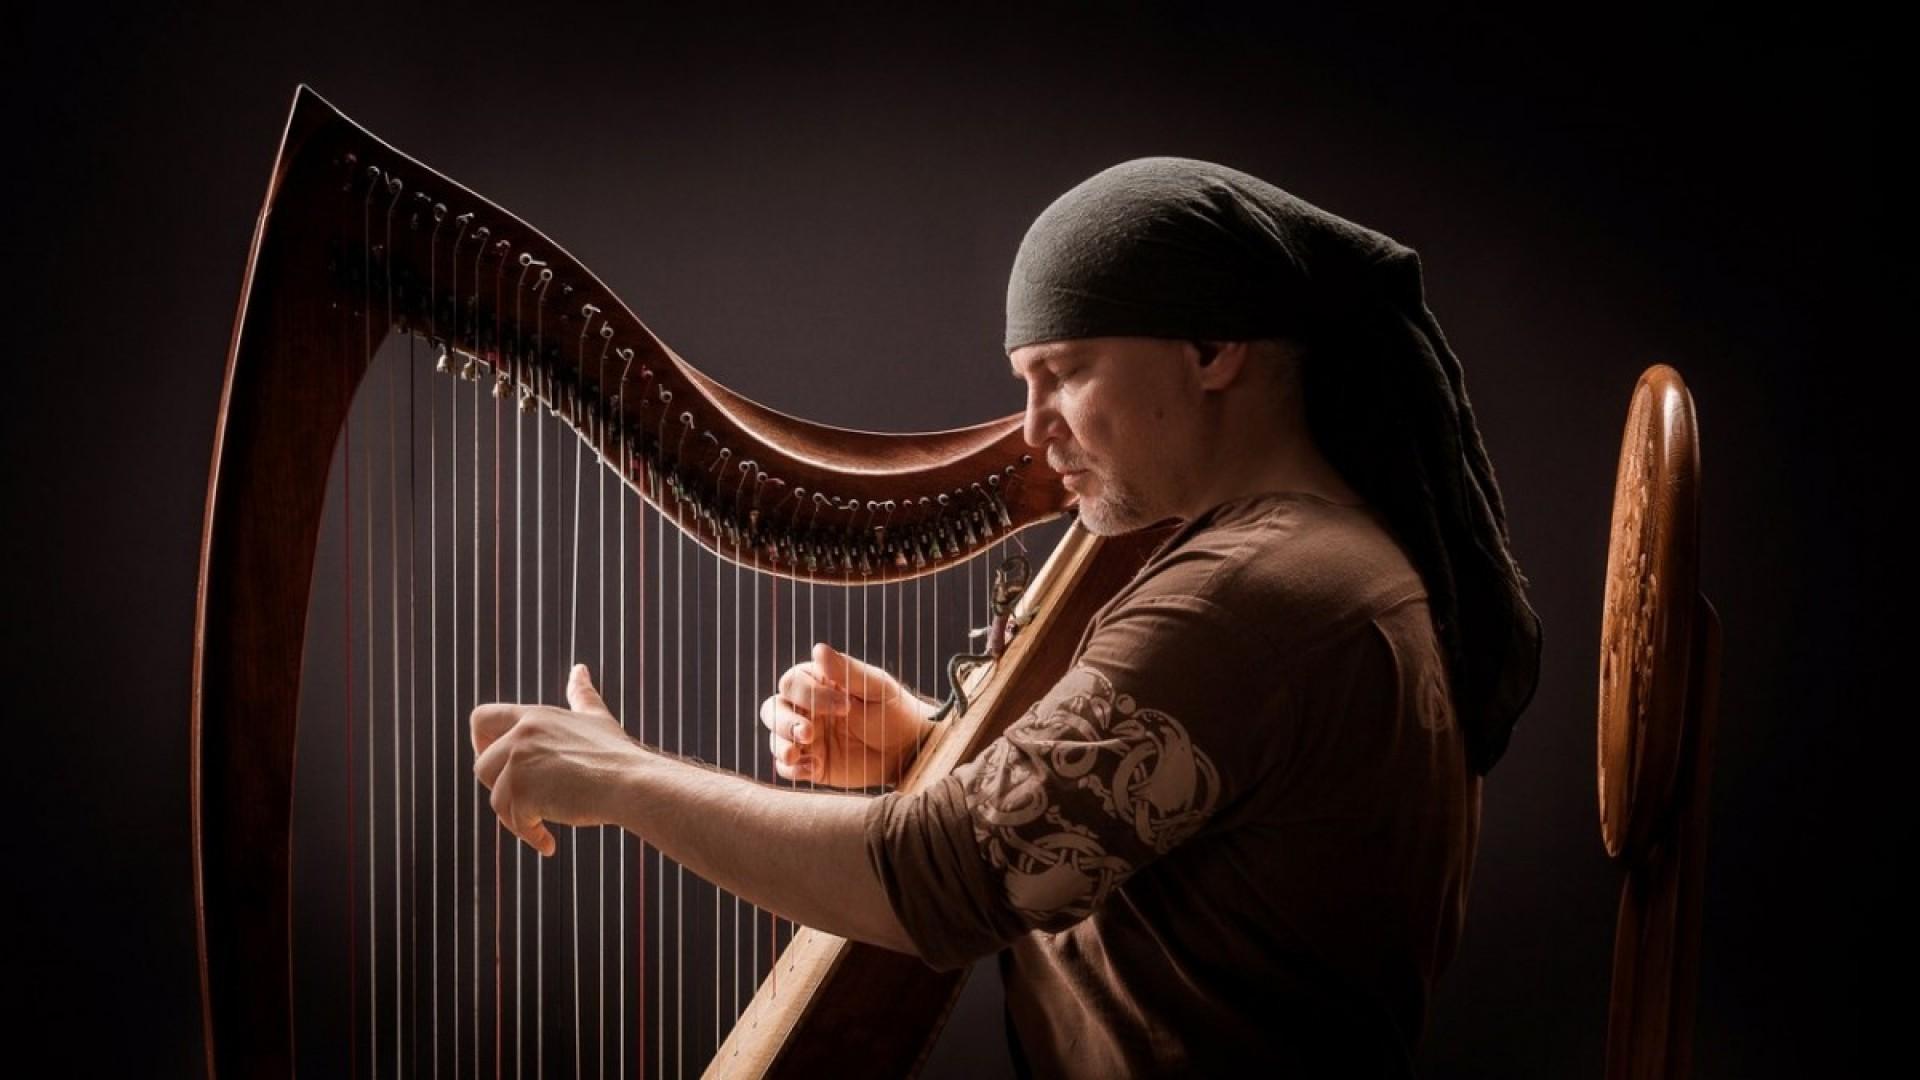 Элизбар: «В каждом из нас живет музыка! И звучит она от рождения до последнего вздоха...»